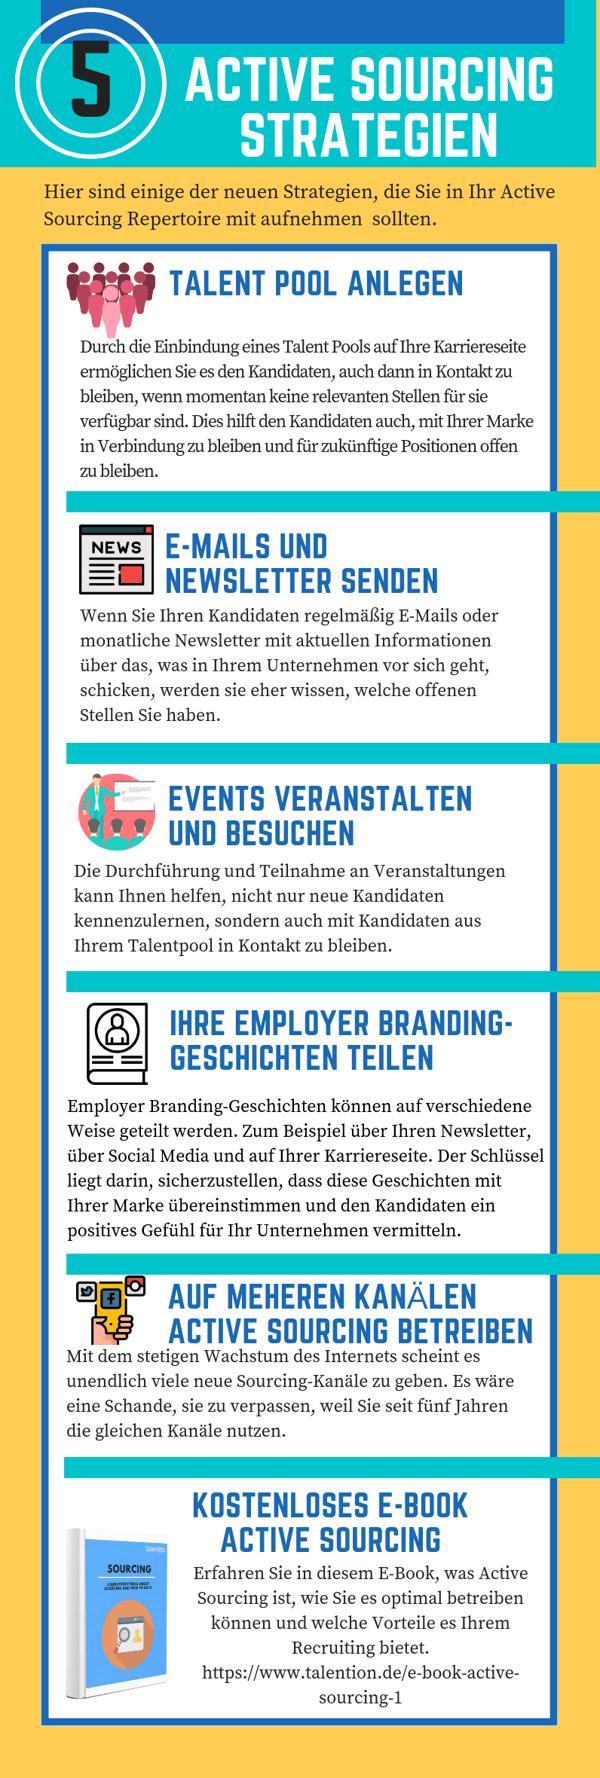 Infografik 5 Active Sourcing Strategien Die Jeder Recruiter Nutzen